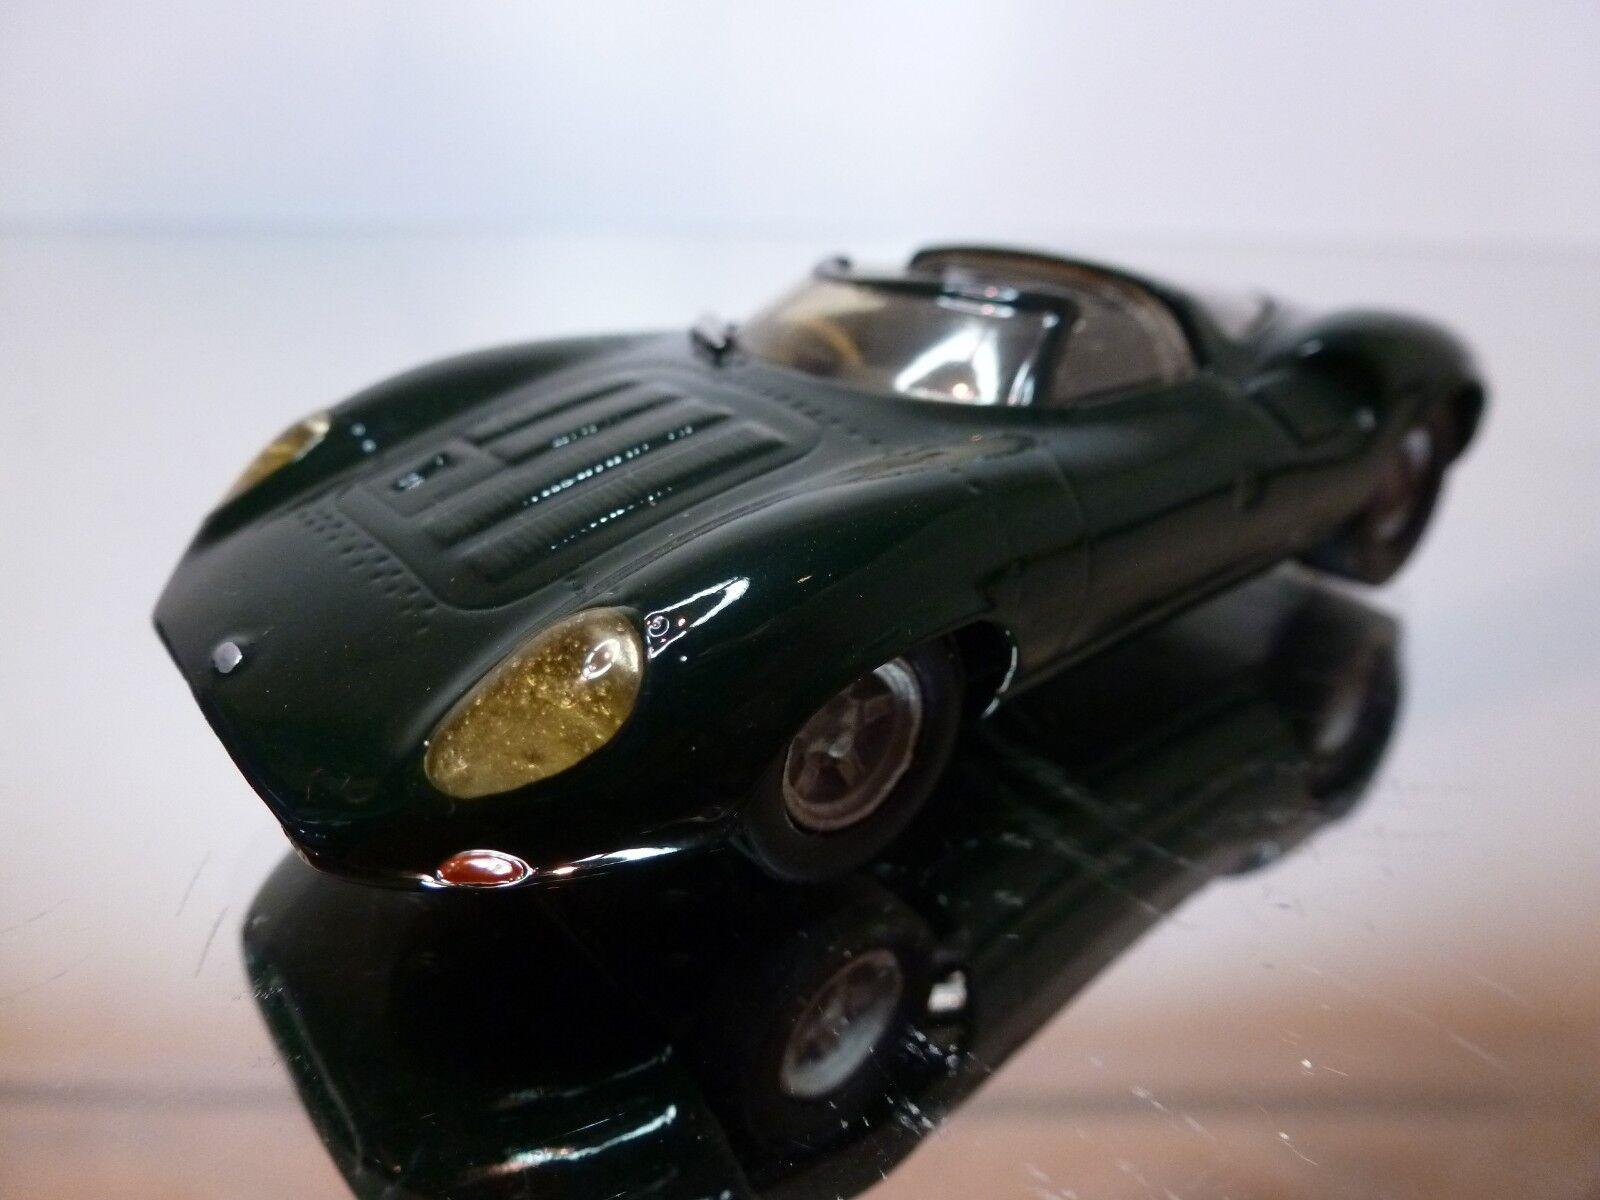 Meilenstein jaguar xj13 1971 - grüne 1 43 - ausgezeichneten zustand.